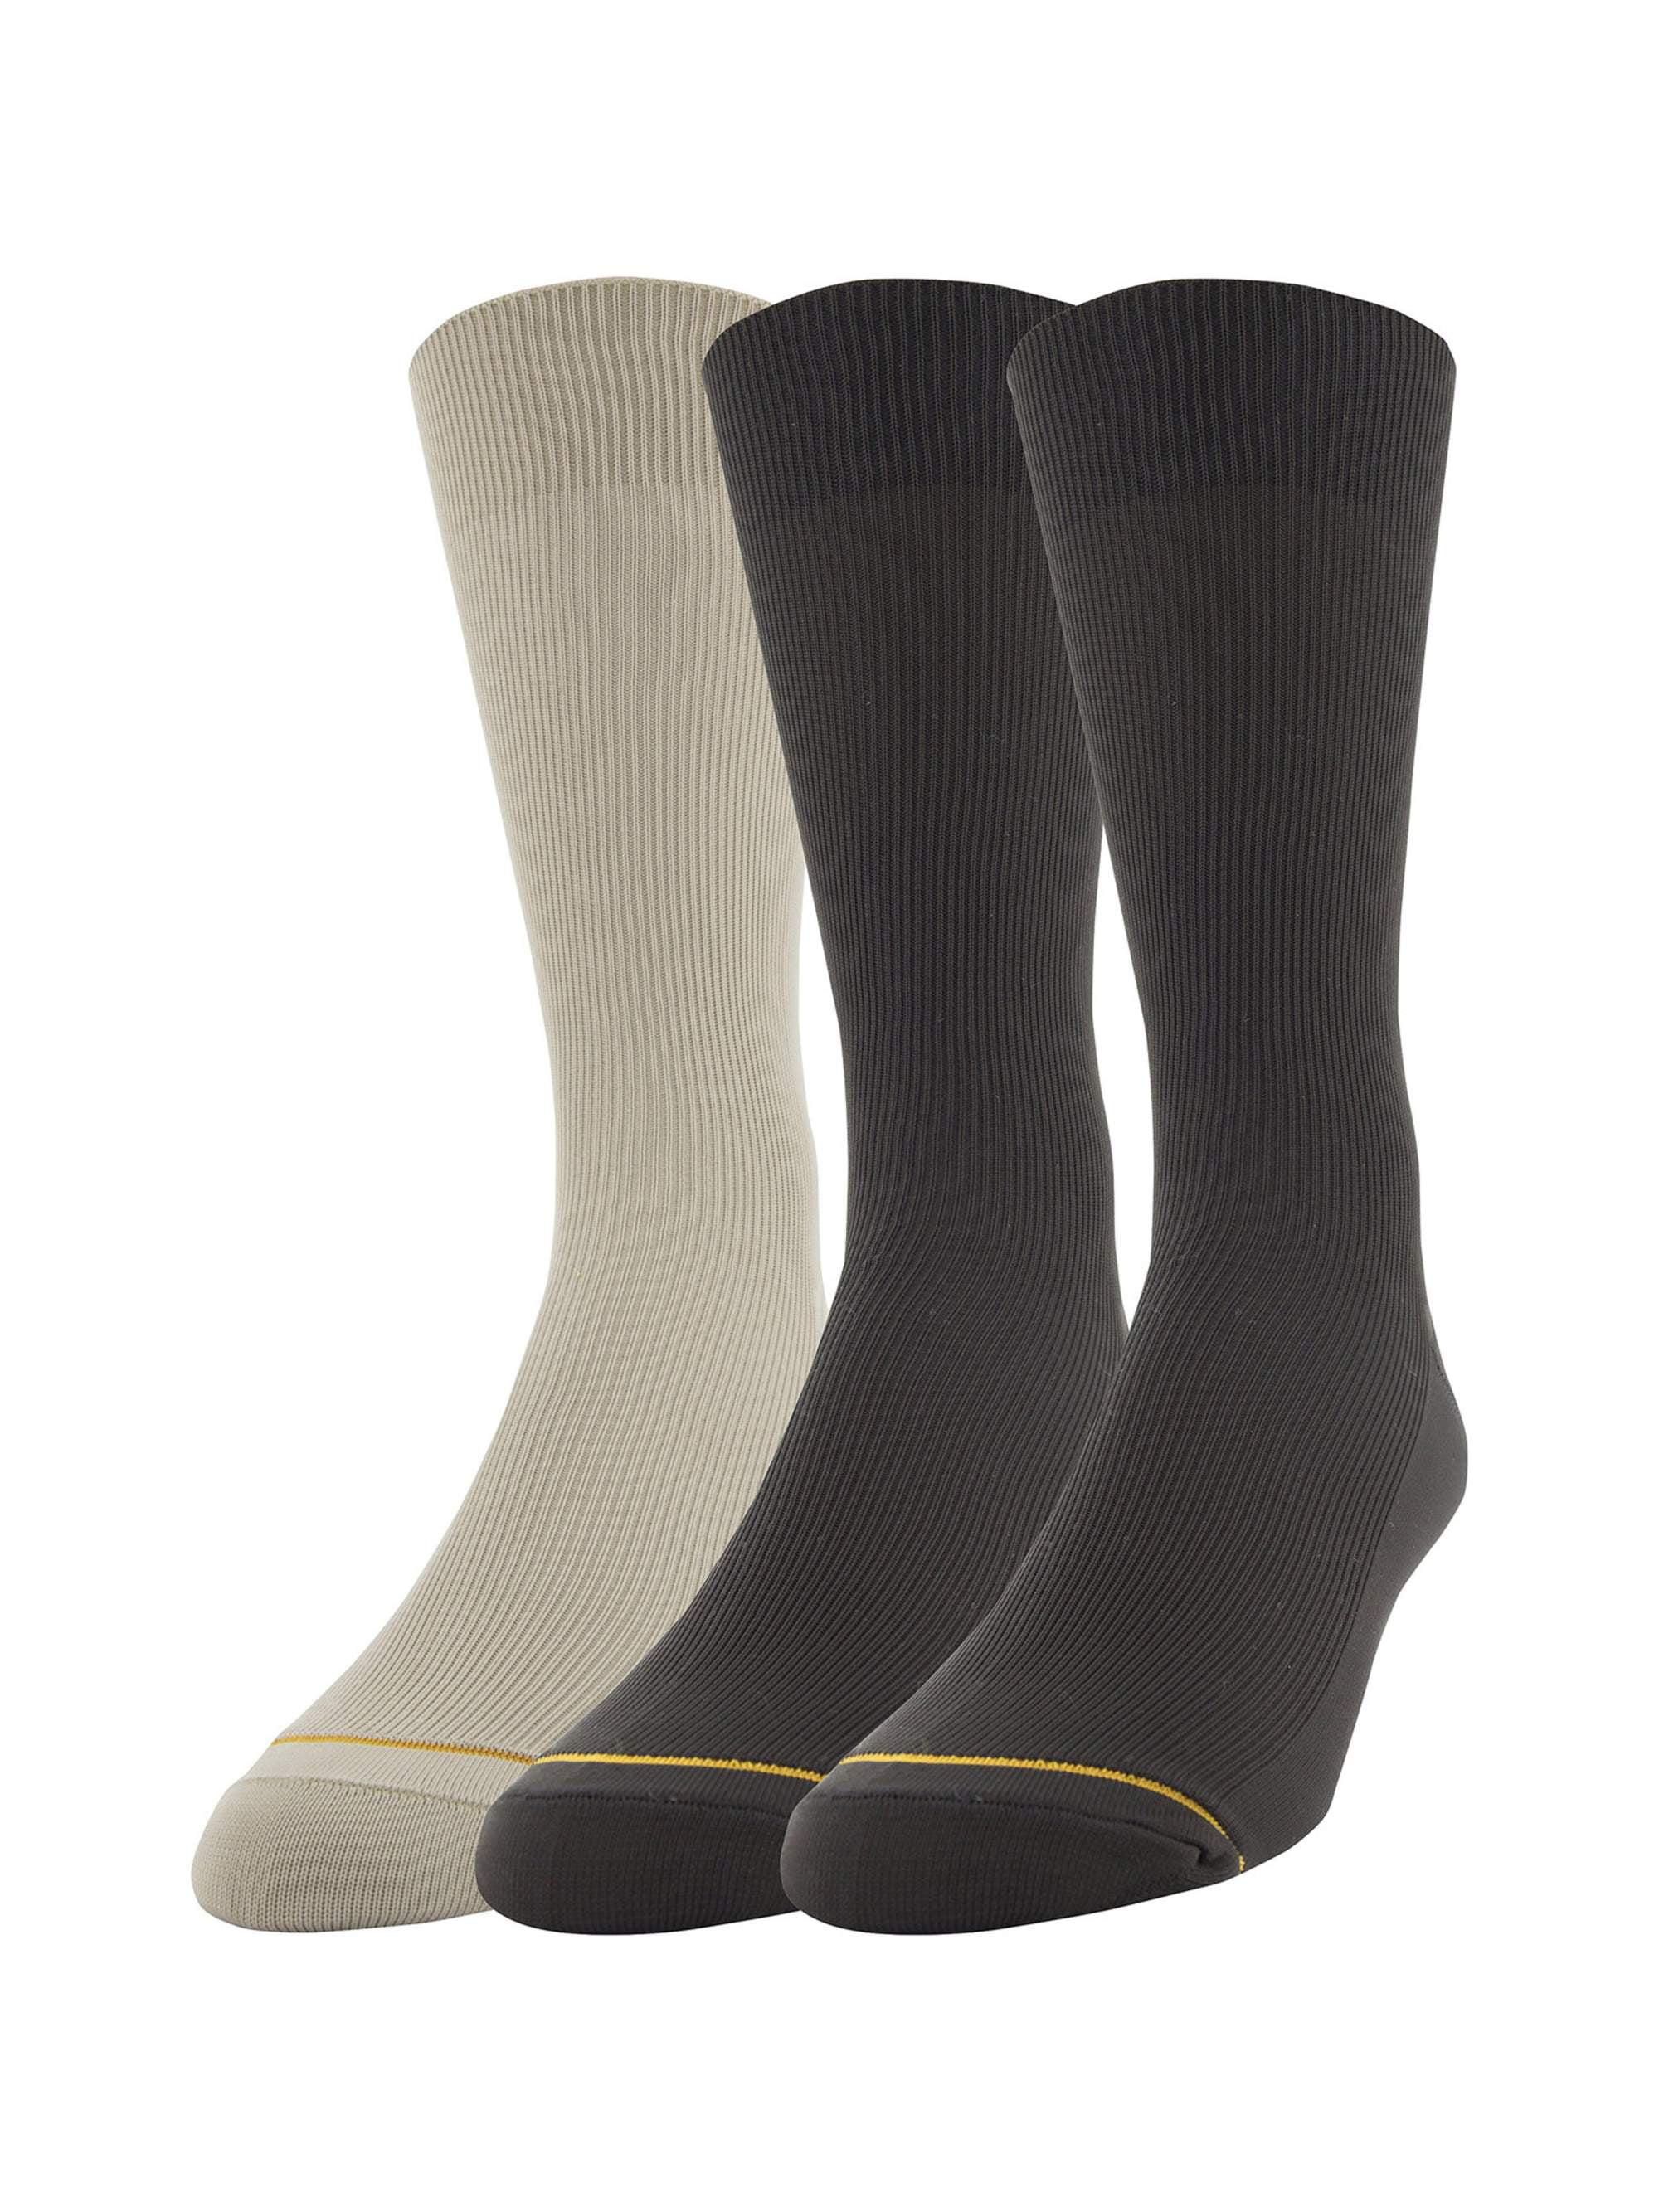 Men's Nylon Rib Dress Socks, 3-Pack